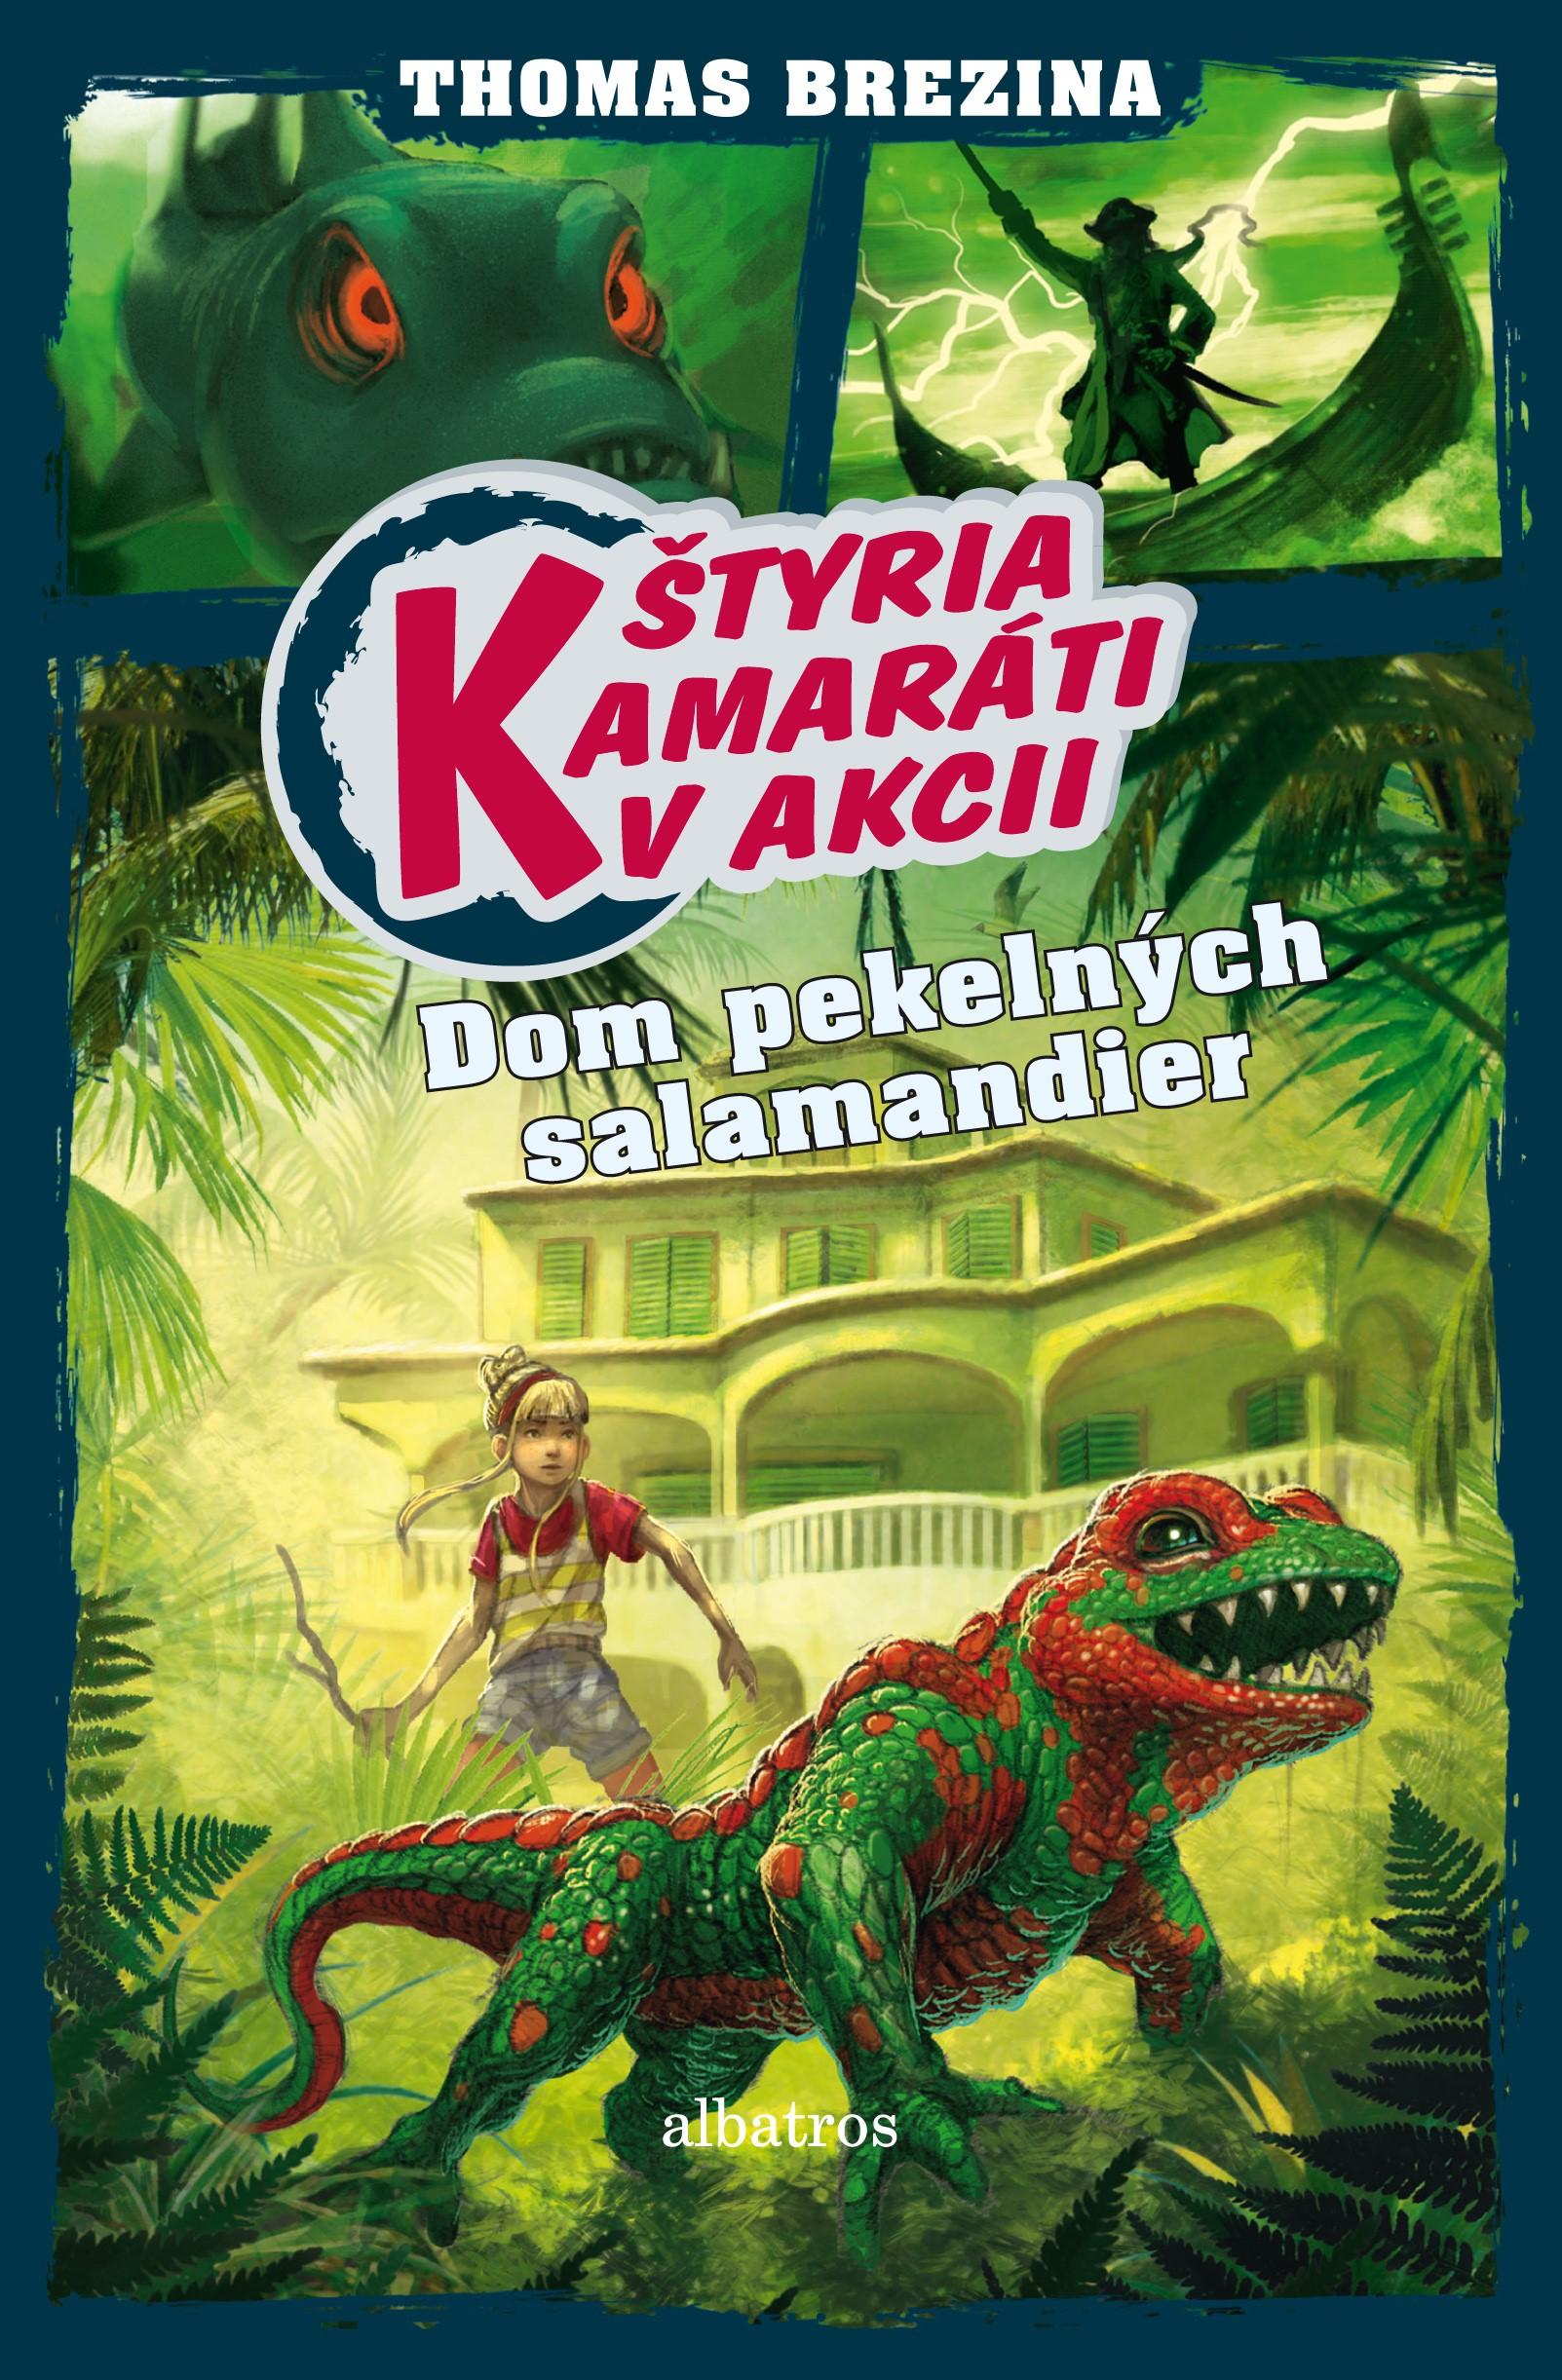 Štyria kamaráti v akcii: Dom pekelných salamandier